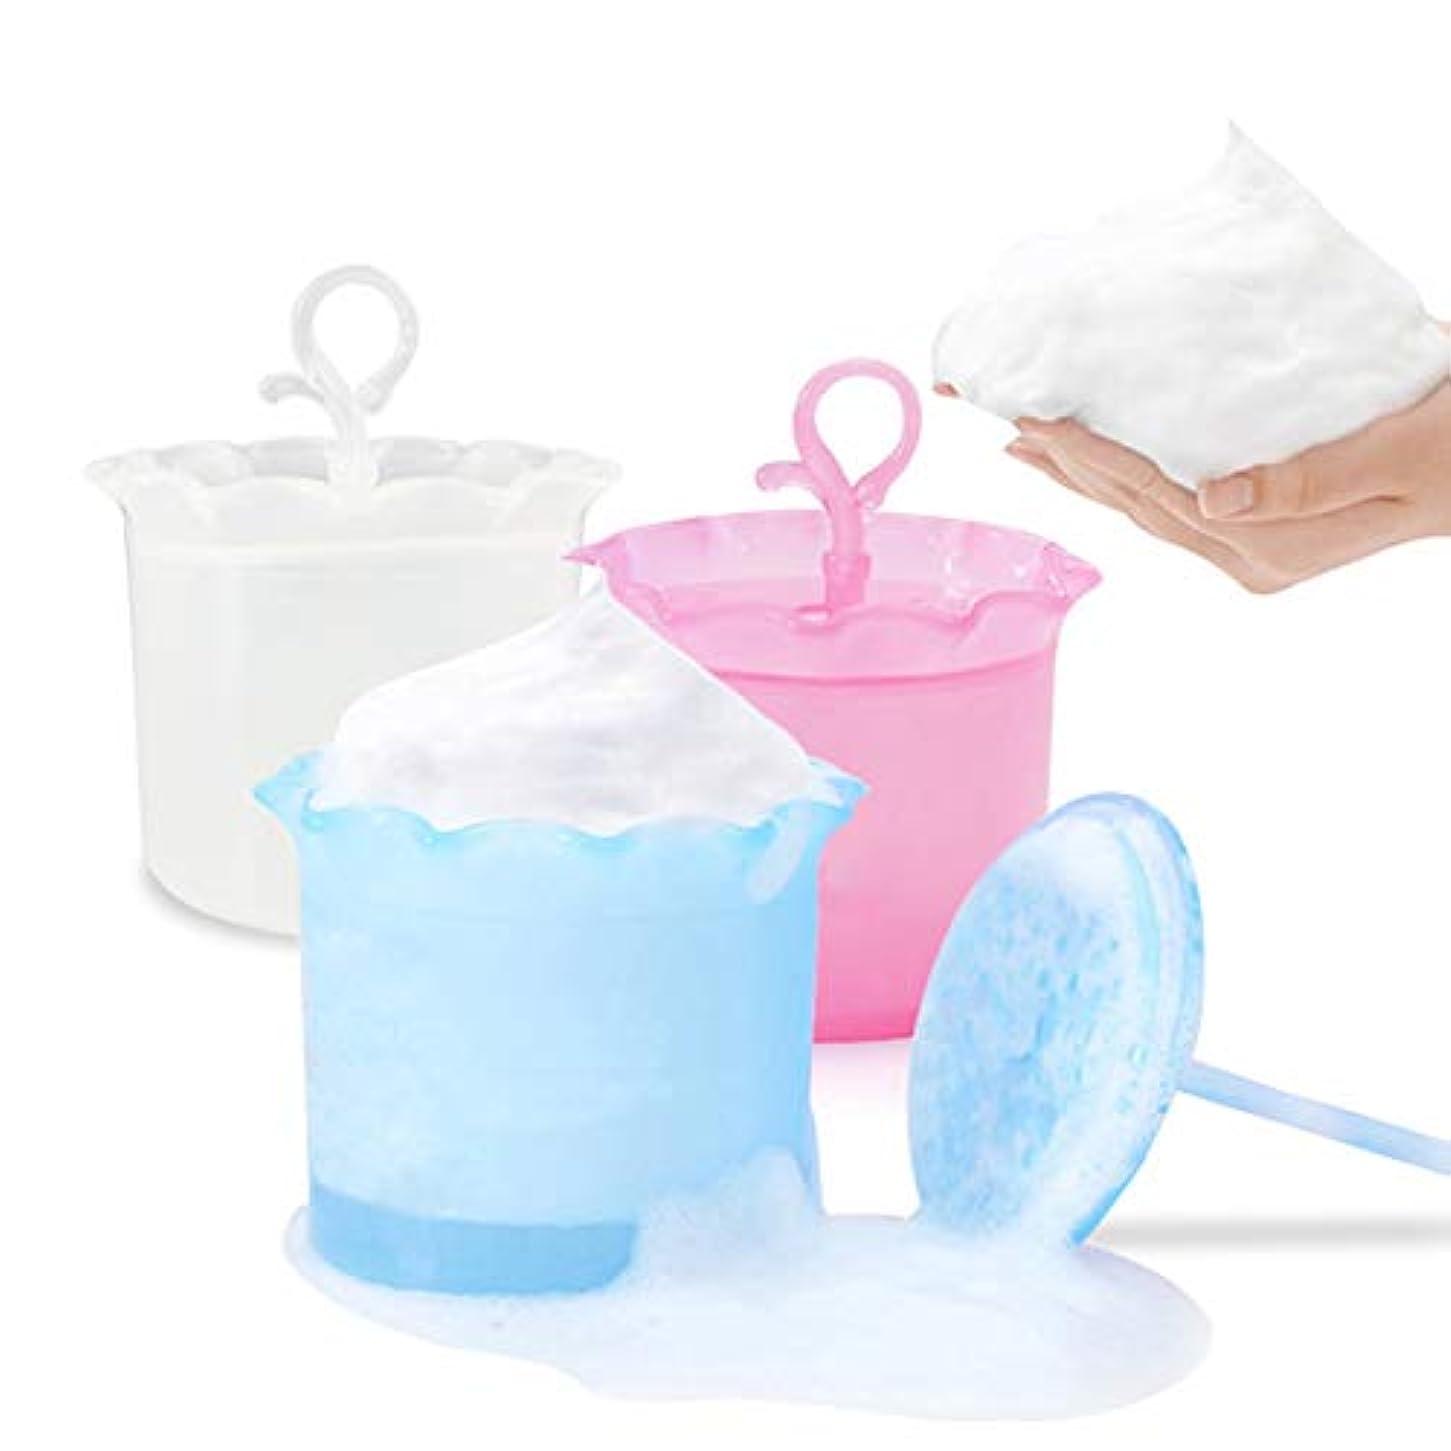 警察合成膜泡メーカーバブルフェイシャルクレンザーフォームフェースクリーンツールクレンジングカップマシュマロホイップメーカー (1pc)